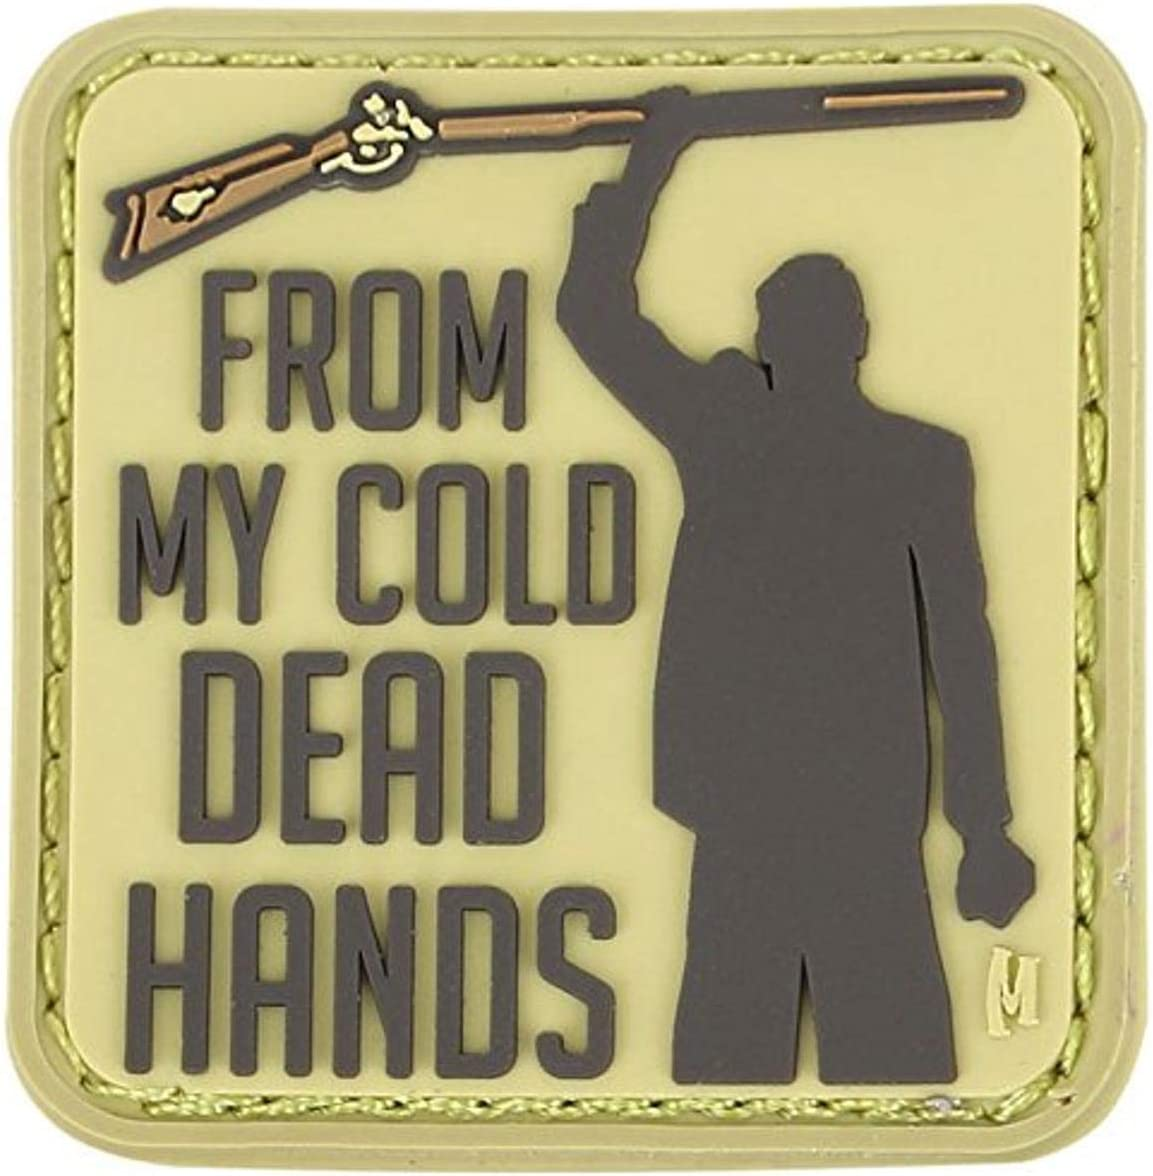 Maxpedition - Parche de manos muertas frías de 1.5 x 1.5 pulgadas, Hombre, CDHSA, árido, small: Amazon.es: Deportes y aire libre